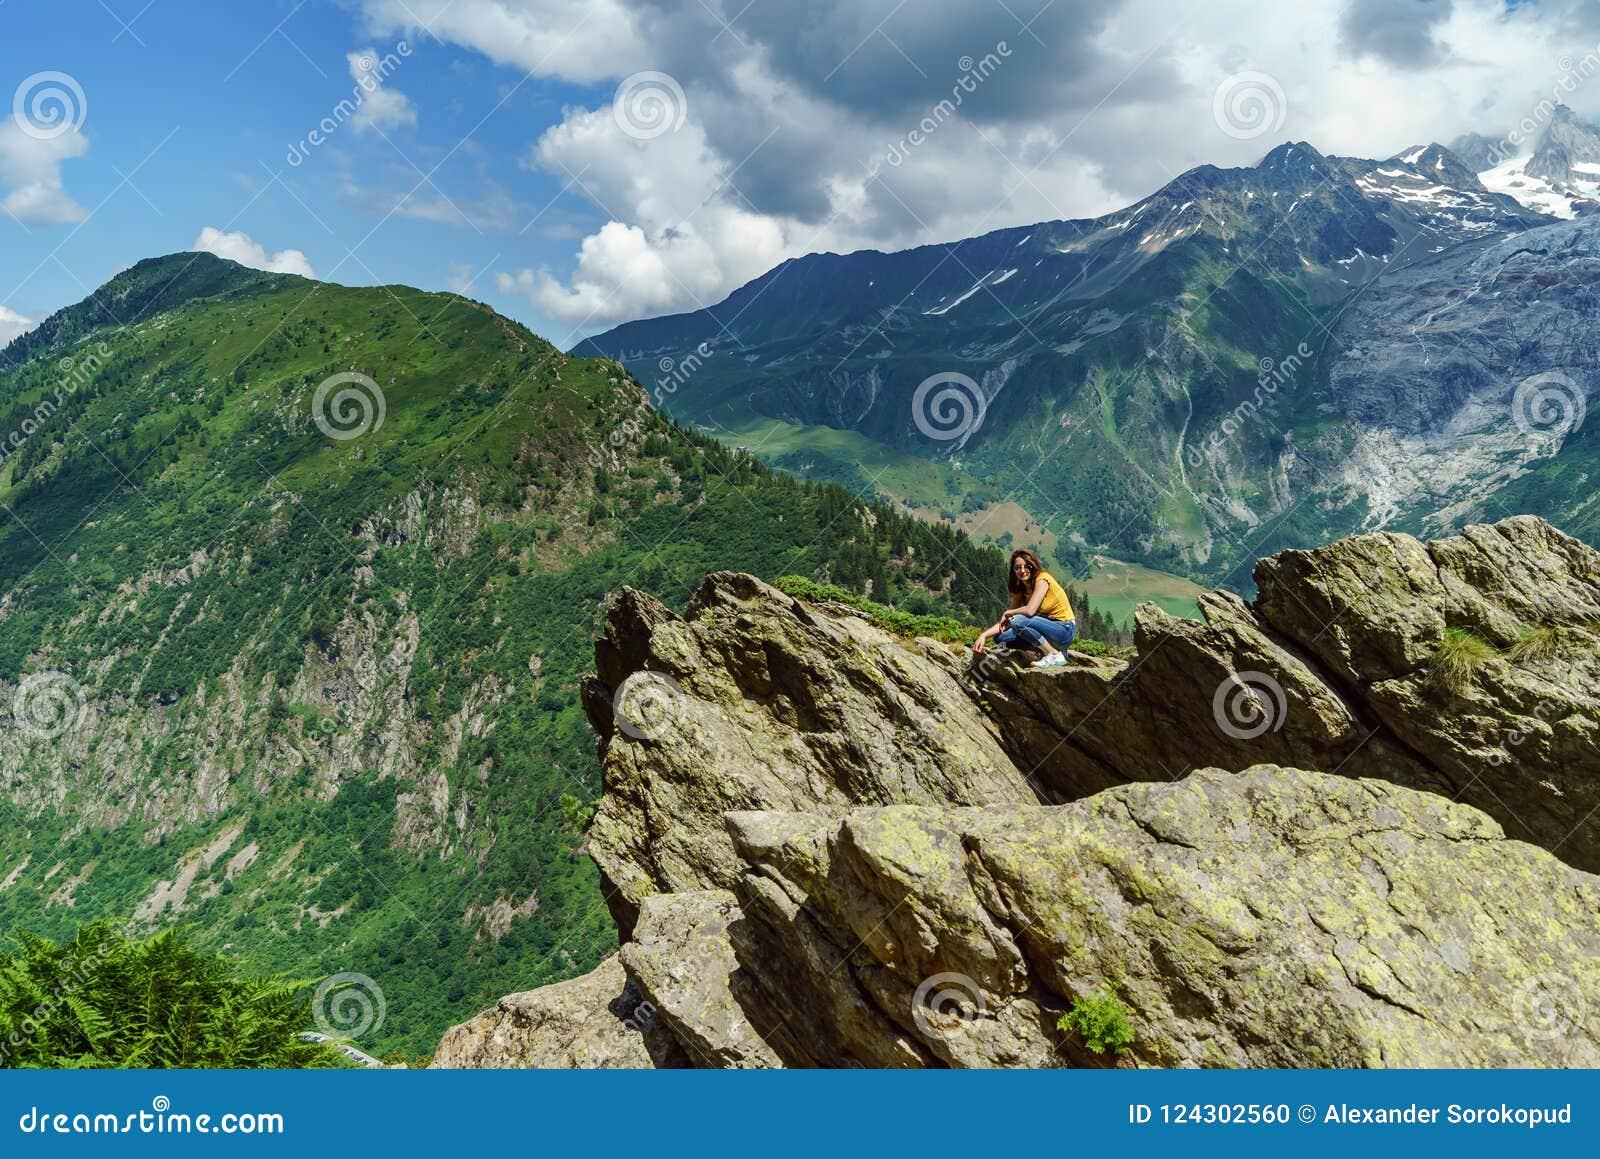 Het jonge tiener stellen op grote steen in Alpen